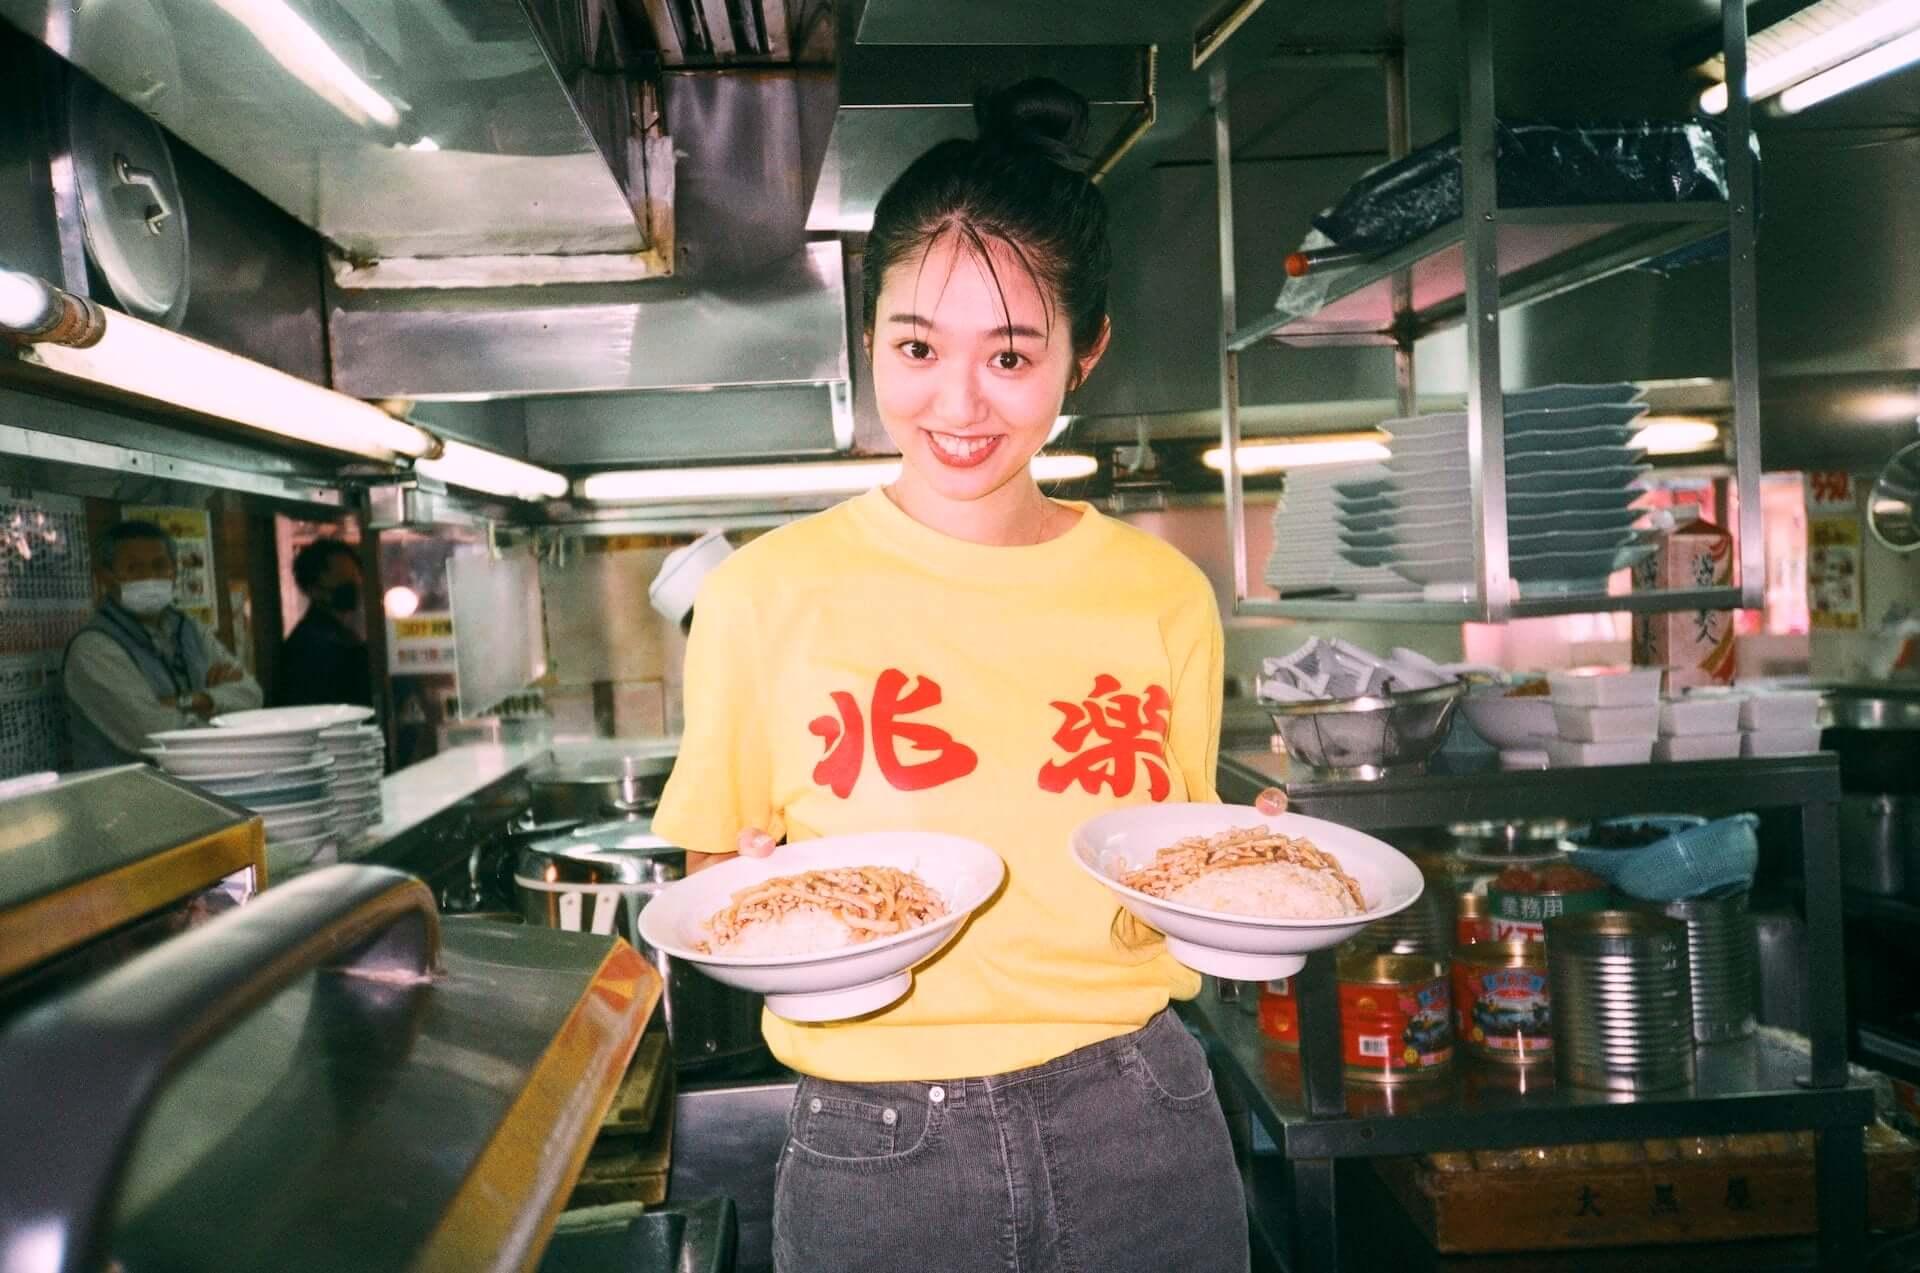 渋谷の街中華・兆楽とJOURNAL STANDARDがコラボ!Tシャツやキャップ、エコバッグが受注販売開始 lf210205_choraku-journalstandard_11-1920x1273